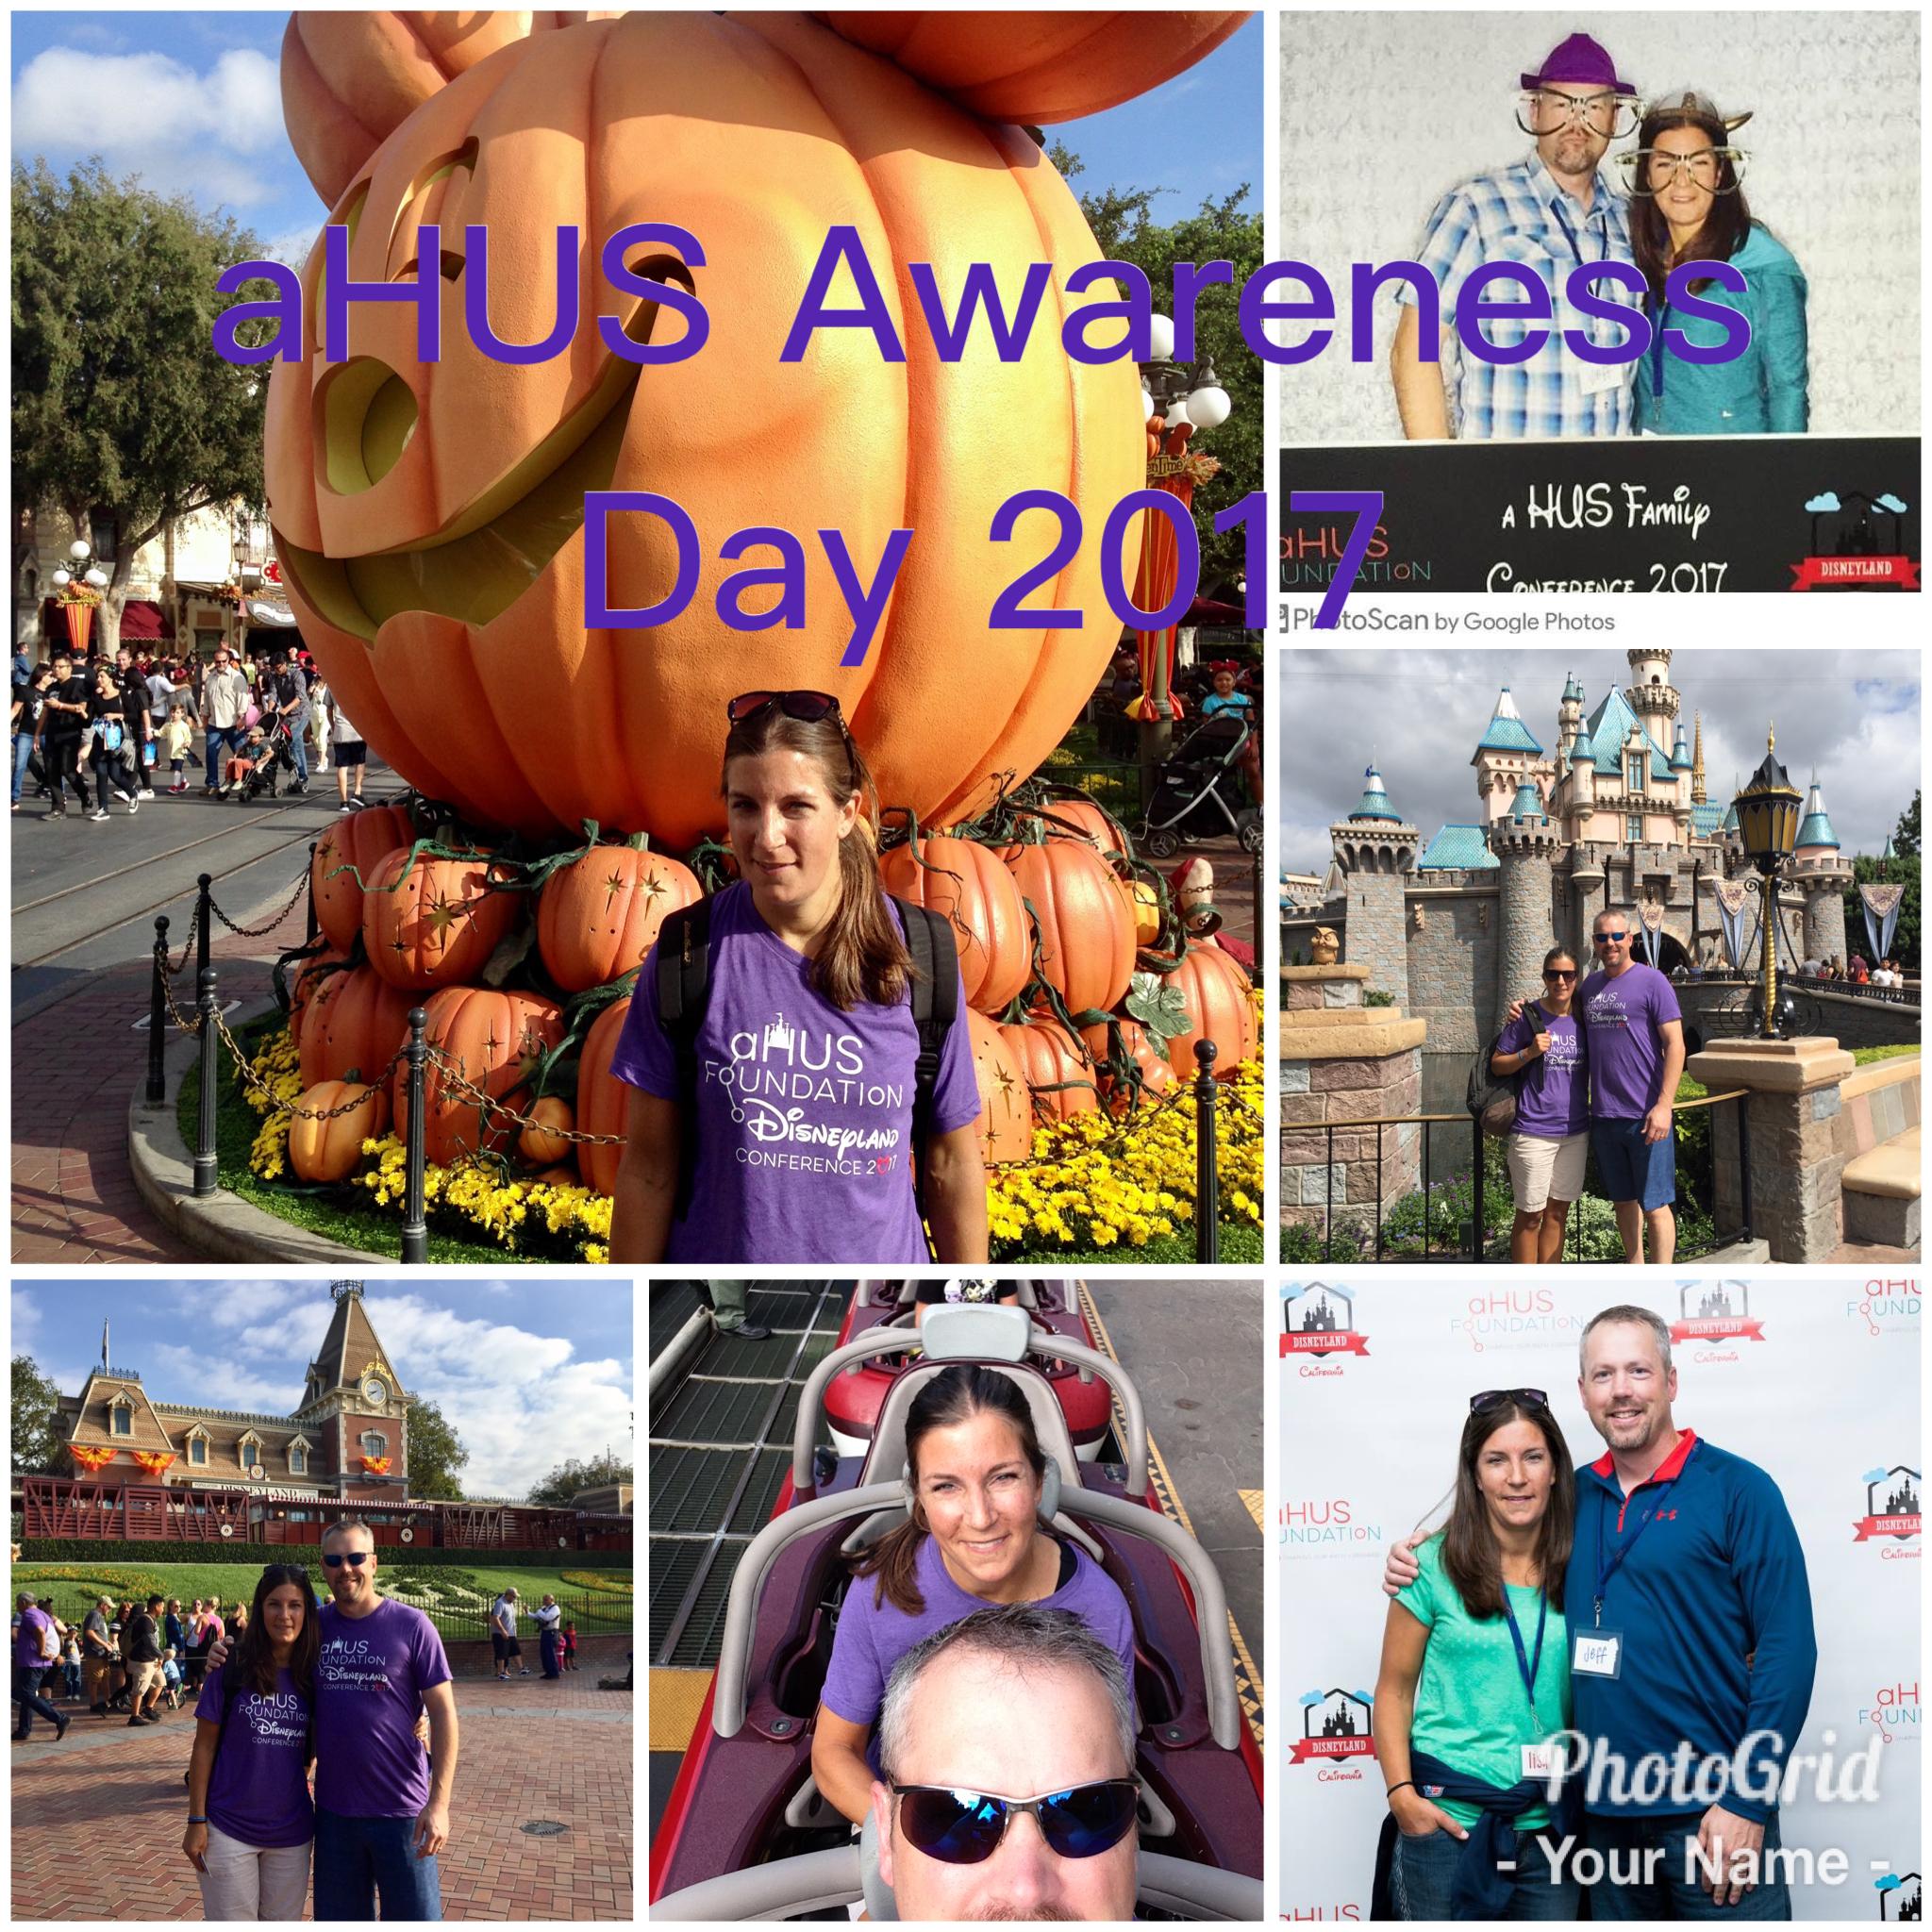 aHUS awareness 2017